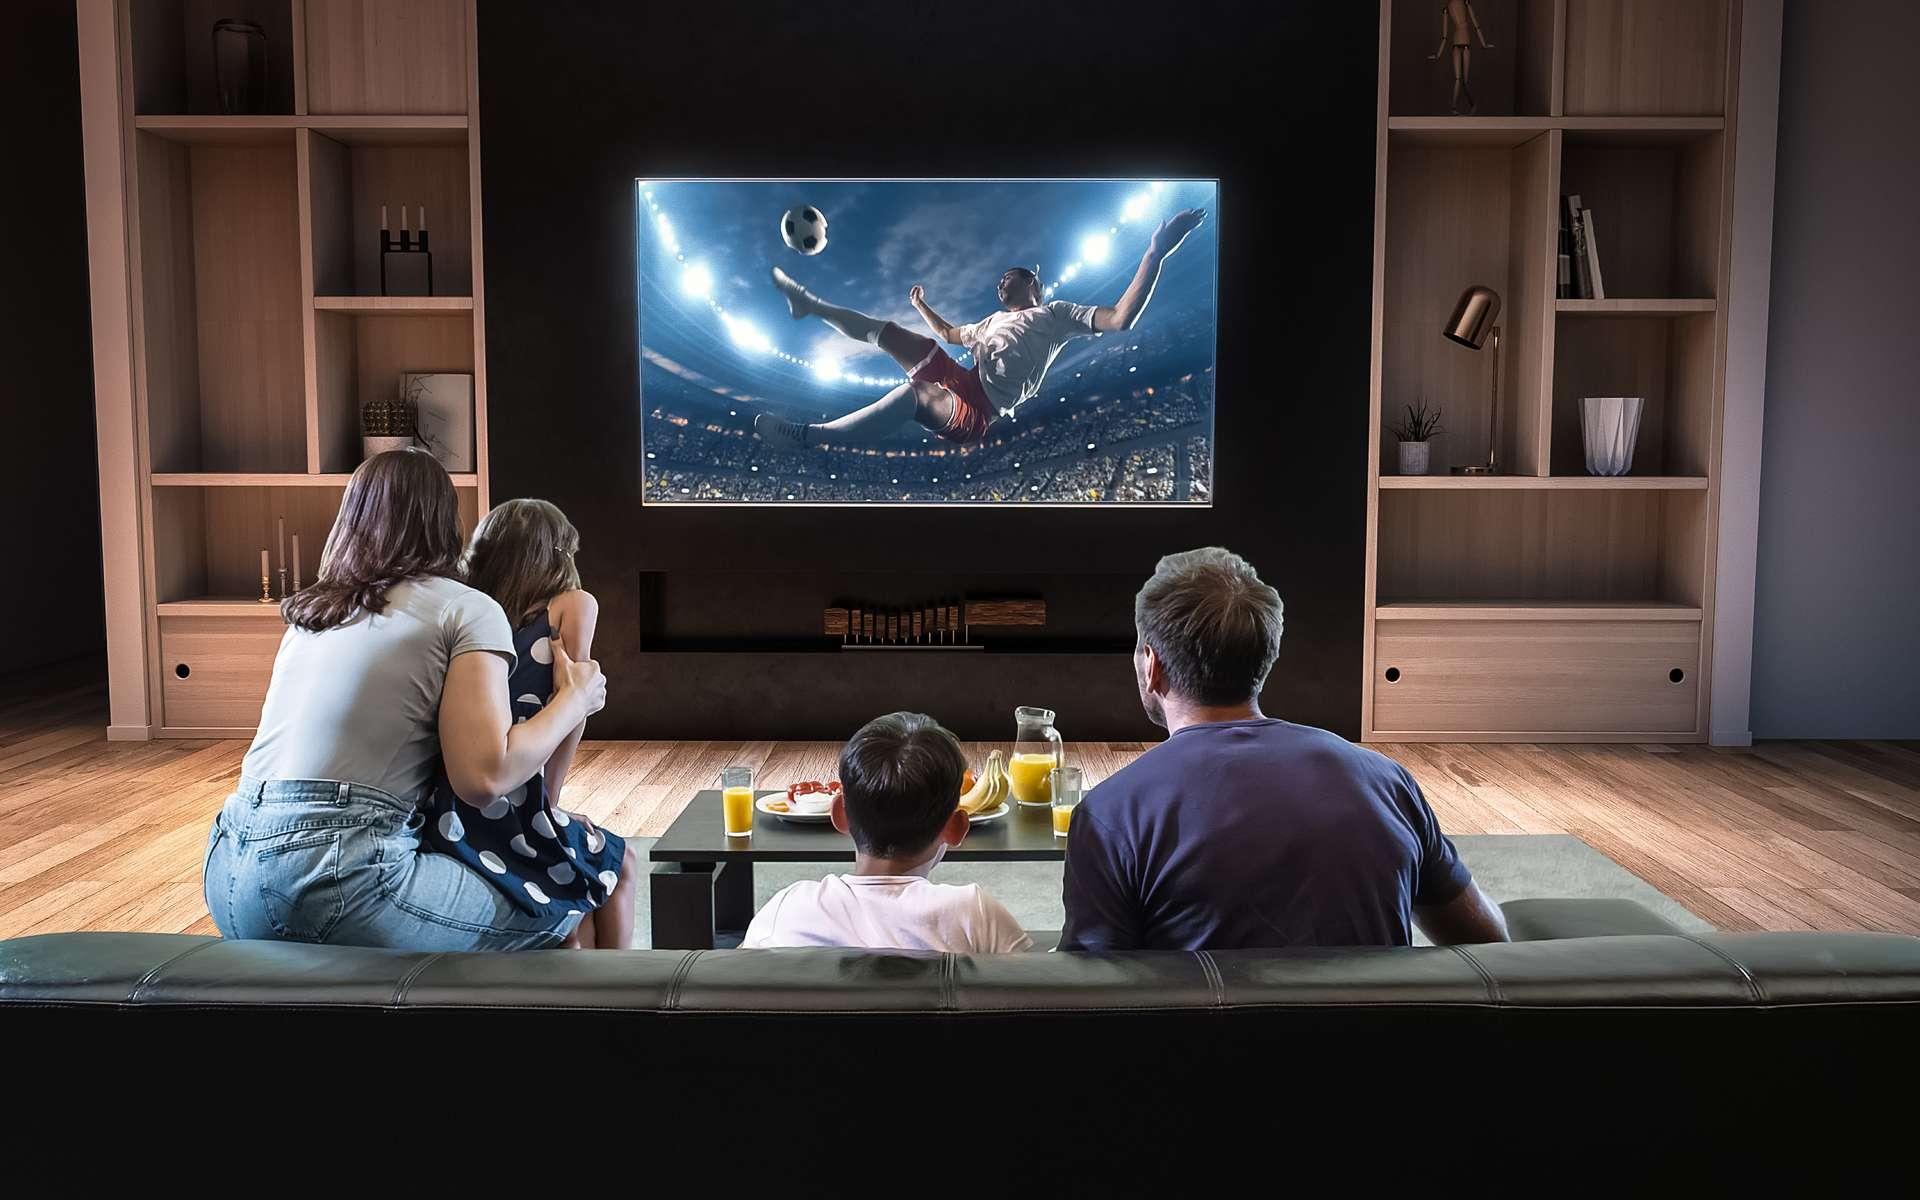 Quelle est la distance idéale pour une TV 50 pouces ? R - Futura